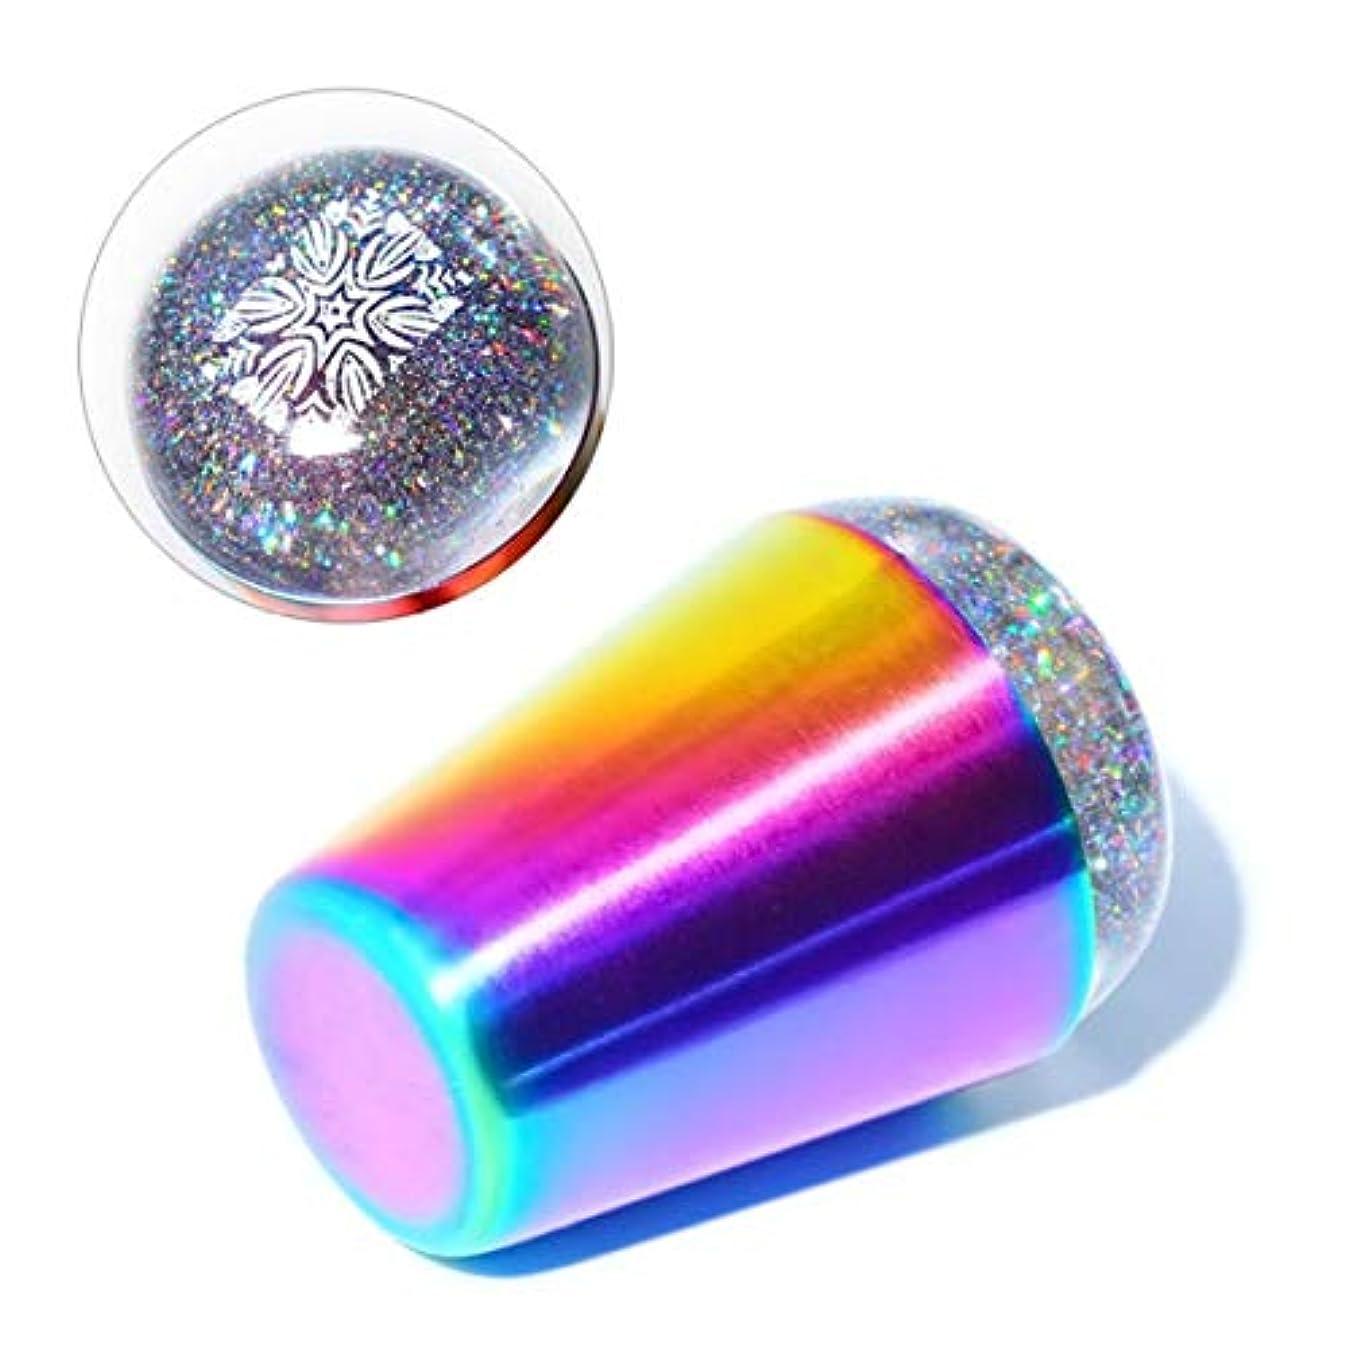 消去着服聖歌Wadachikis 最高の販売透明な釘スタンパースクレーパーホログラフィック虹ハンドルネイルアートツール(None B)